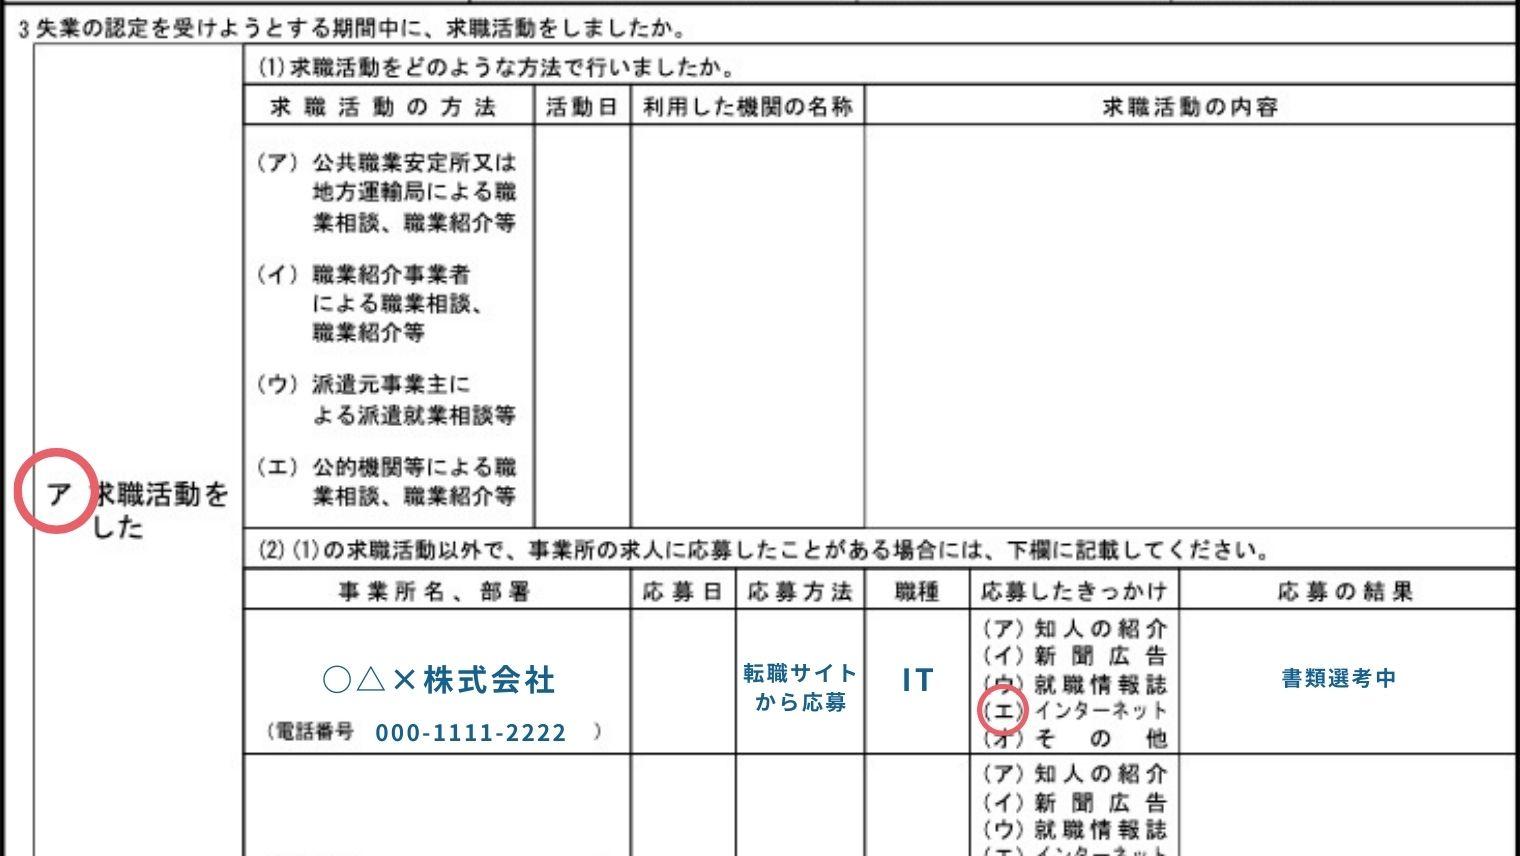 ステップ1:「求職活動をした」欄・応募企業名などの記入